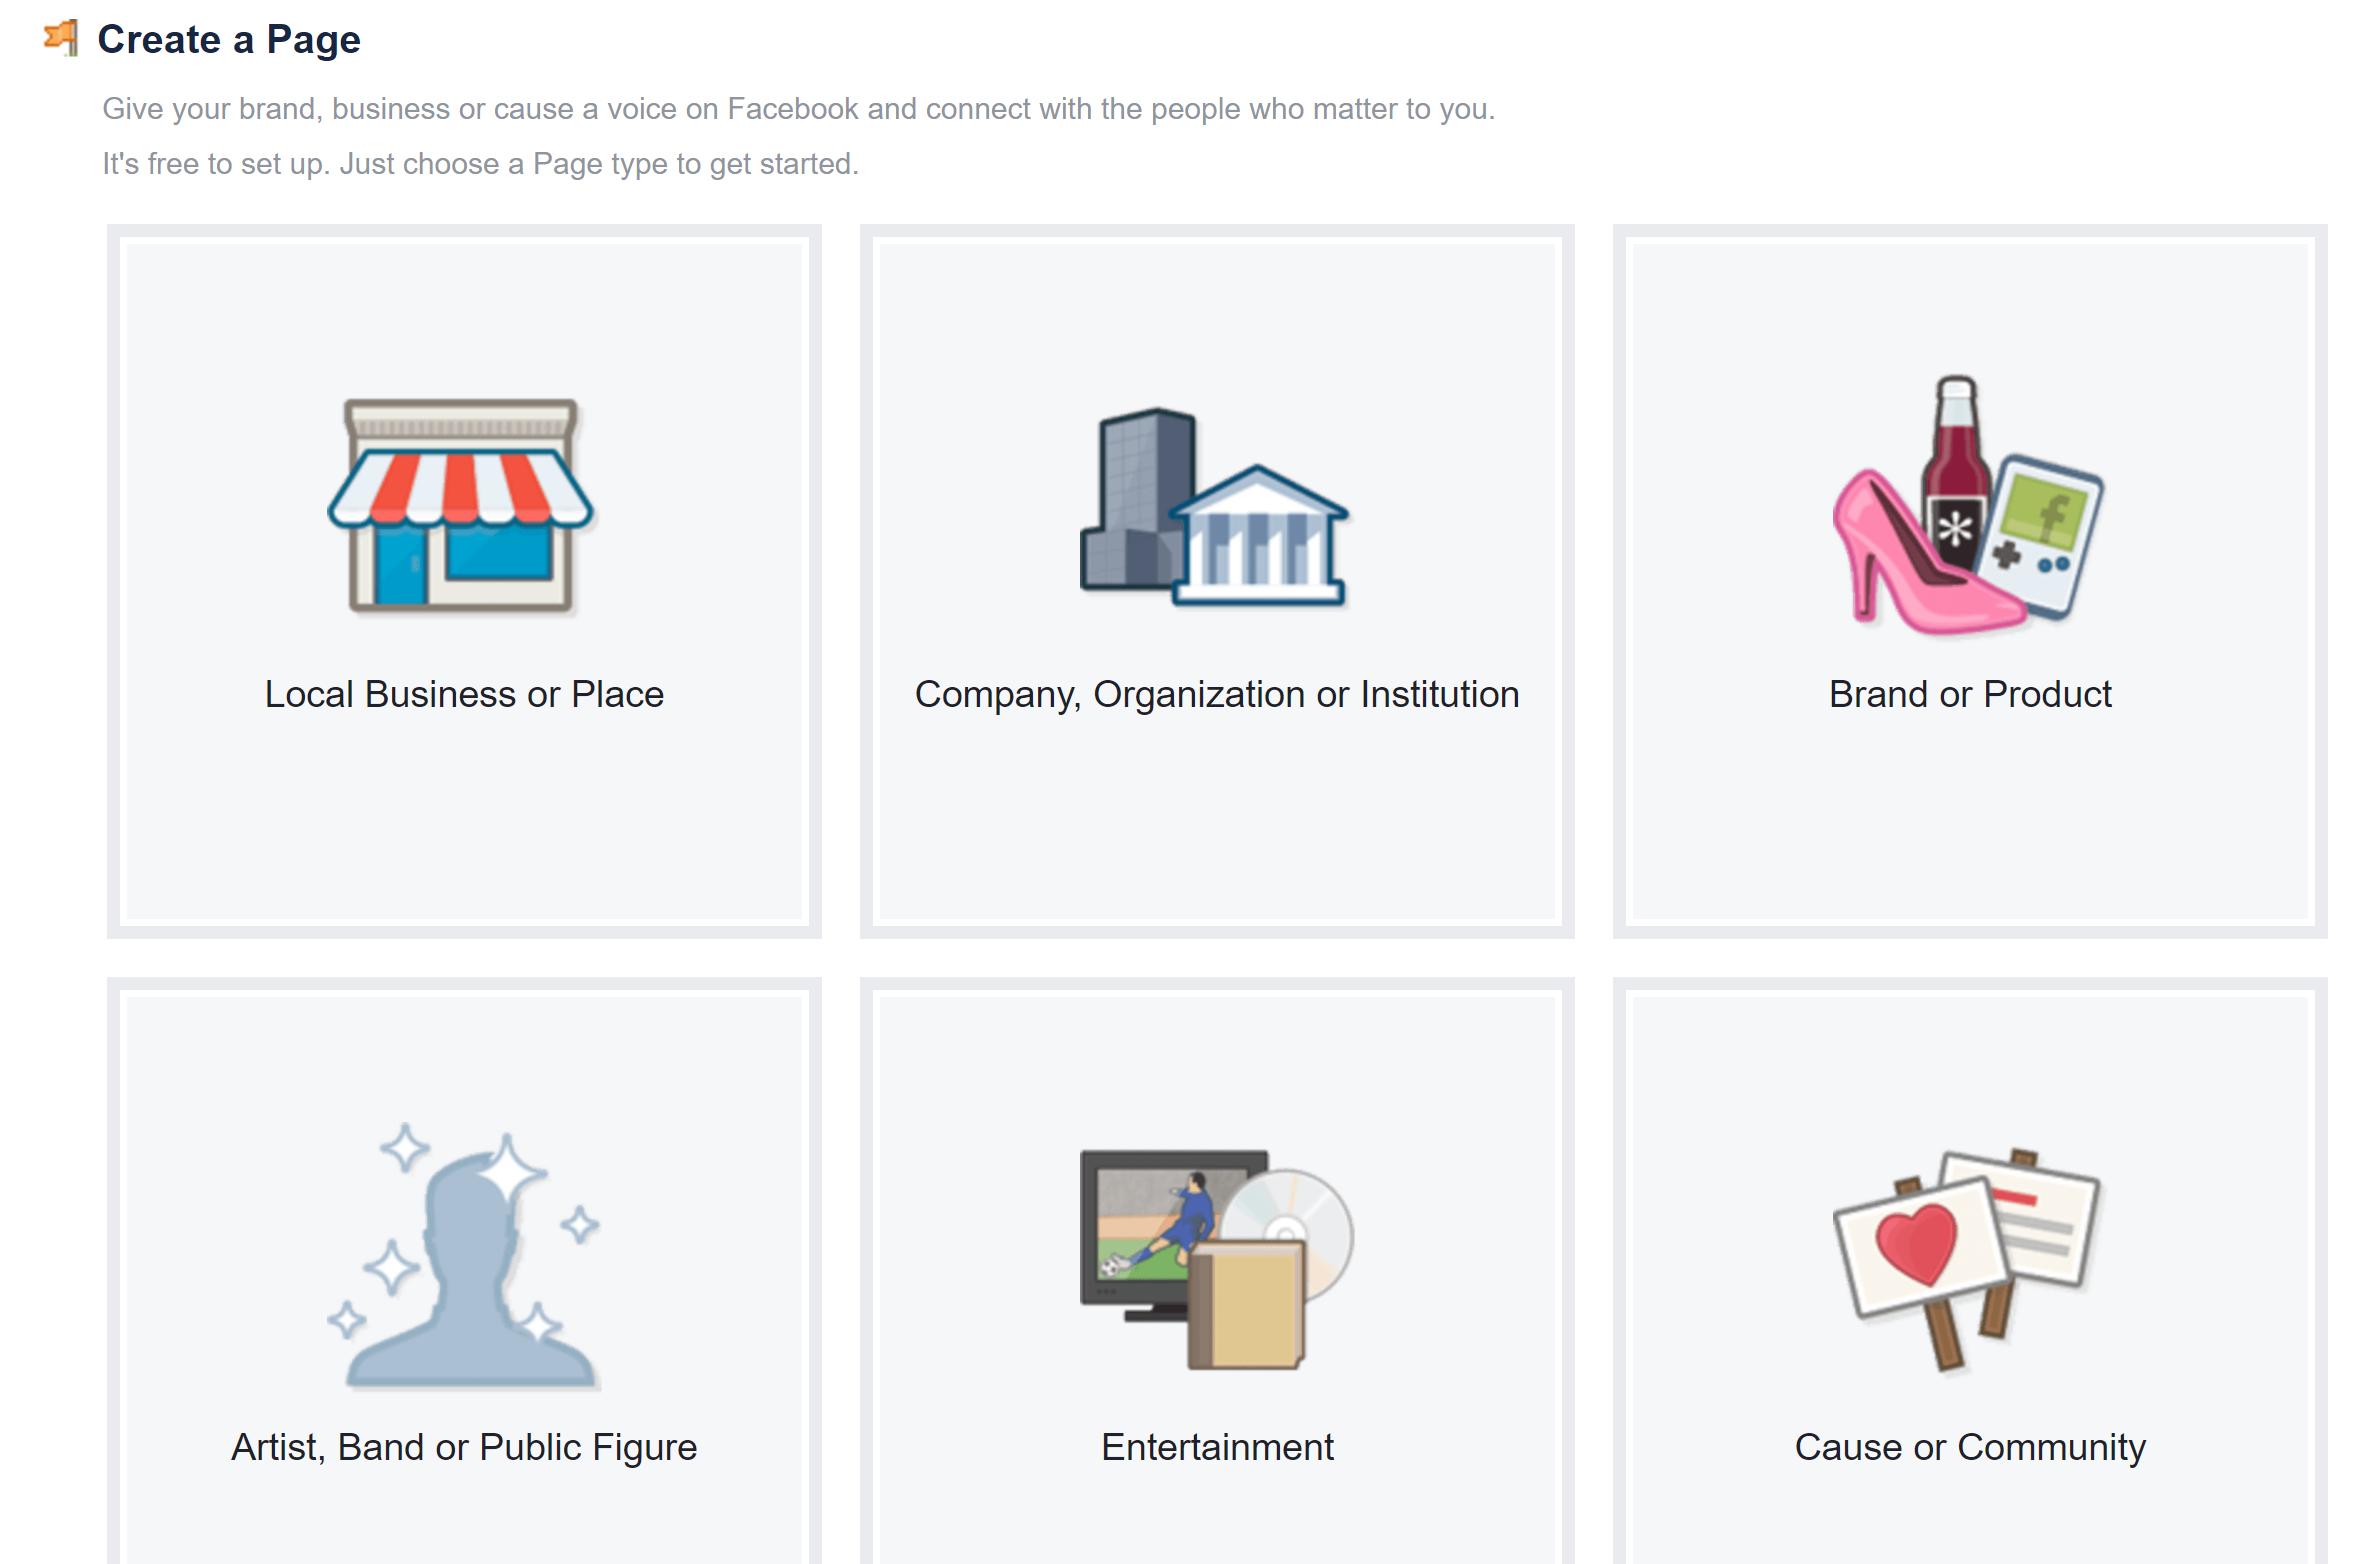 إنشاء صفحة فيس بوك جديدة